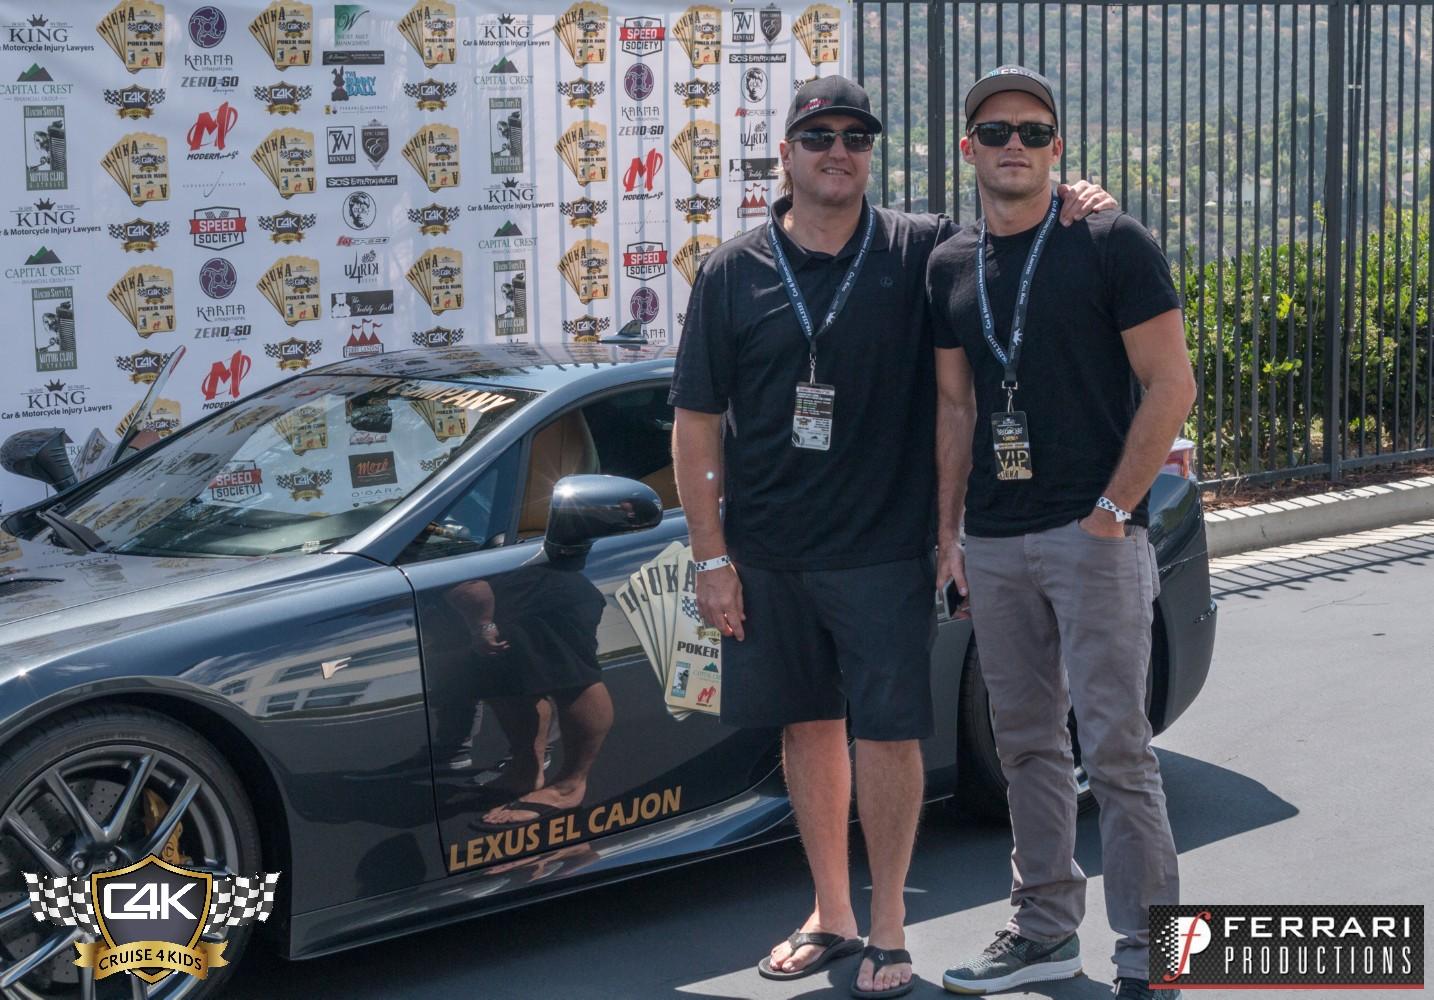 Ferrari-Productions-2017-C4K-Poker-Run-7.jpg